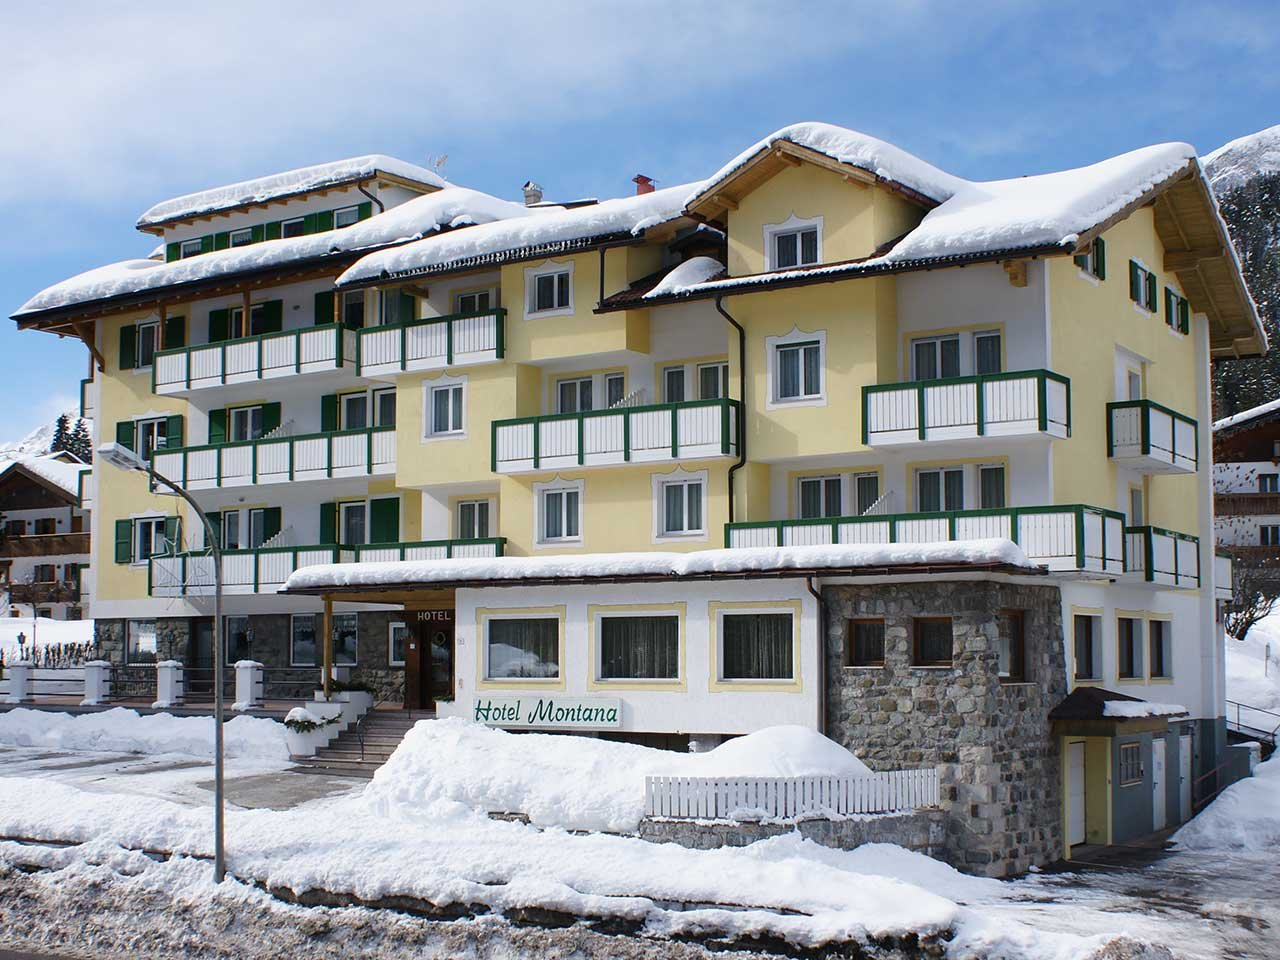 Foto Hotel Montana (Pozza di Fassa)